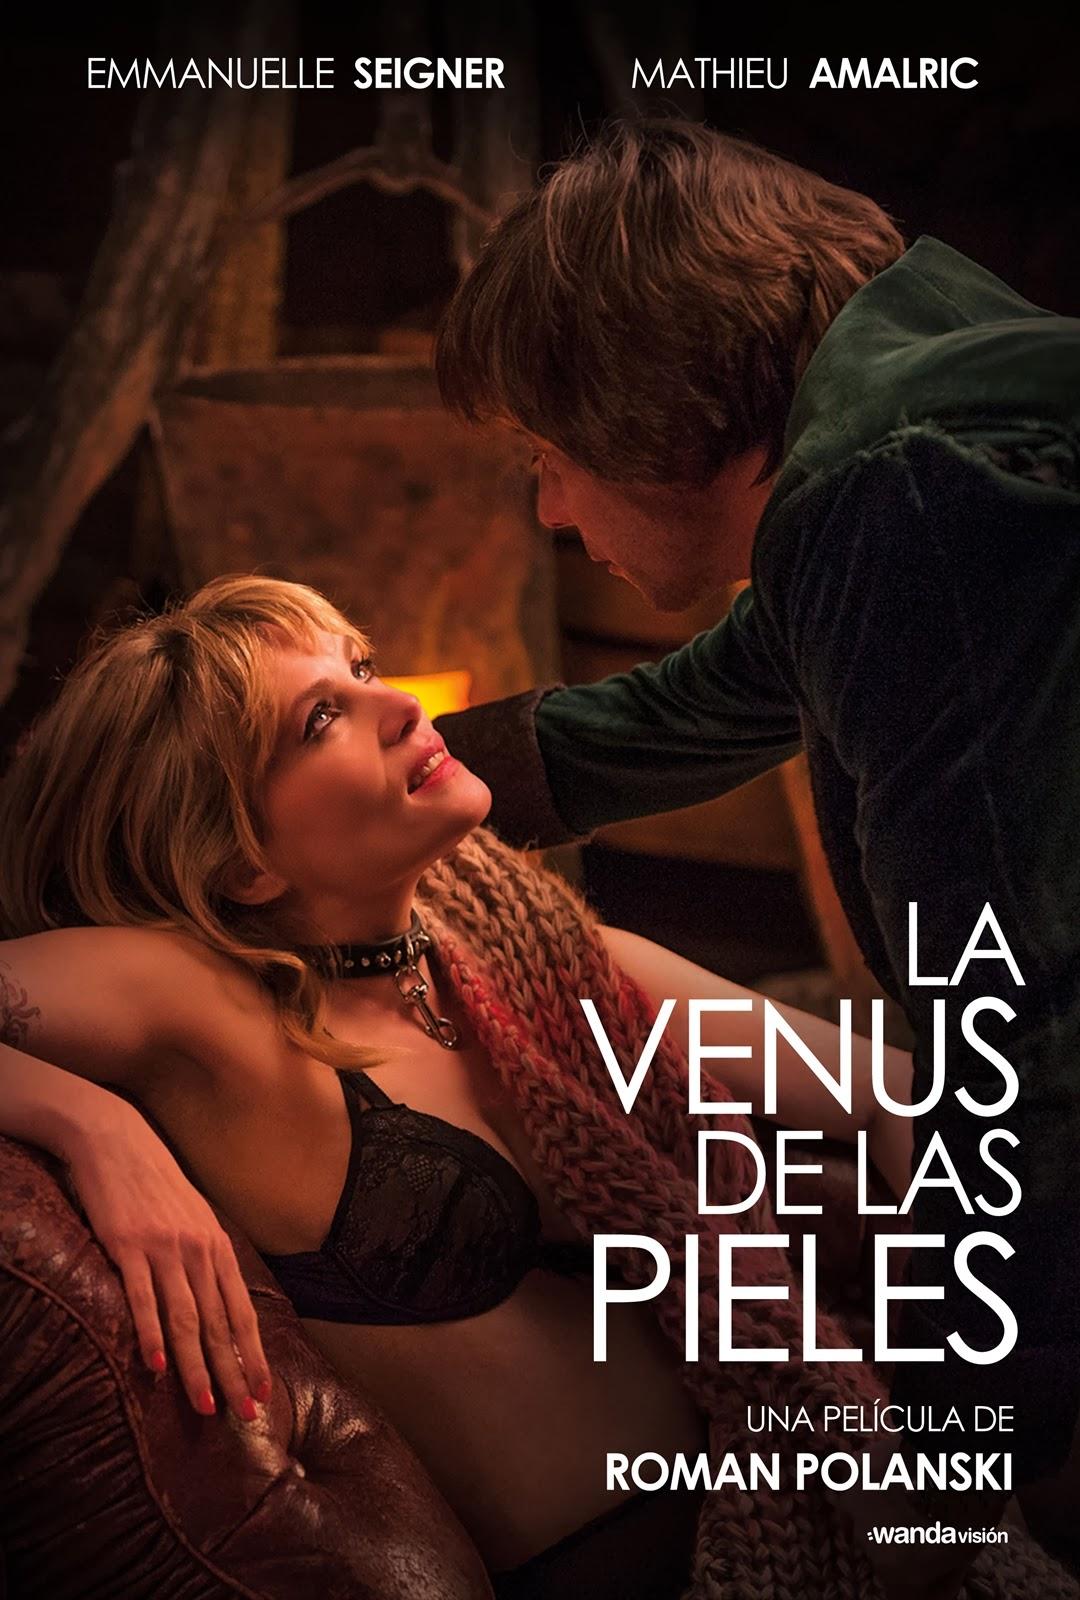 Descargar La venus de las pieles online, drama, estreno, La venus de las pieles audio en español - latino y subtitulada,